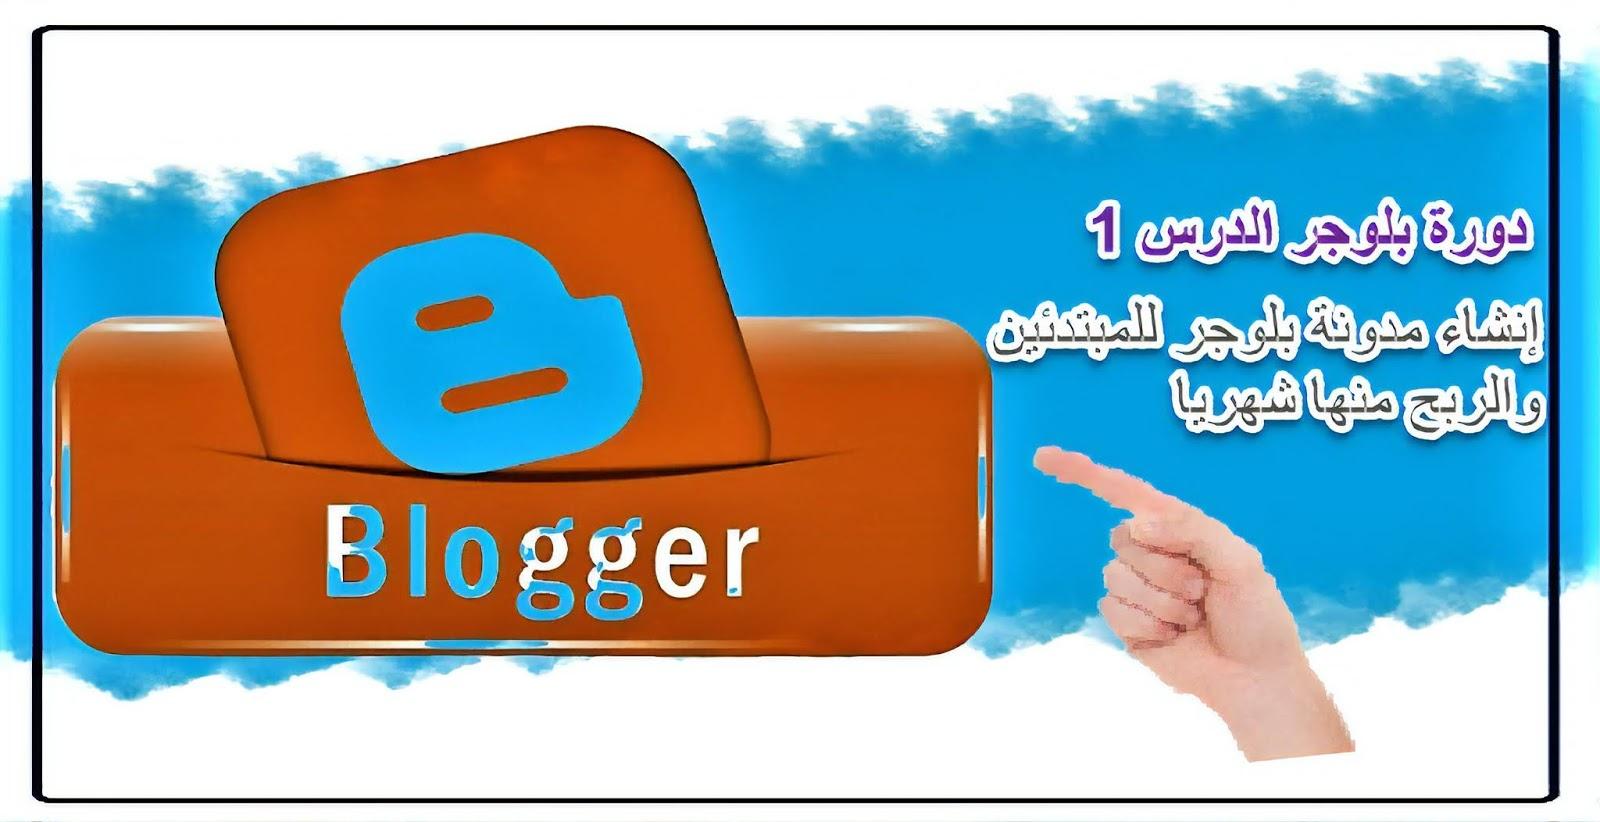 إنشاء مدونة بلوجر للمبتدئين والربح منها شهريا